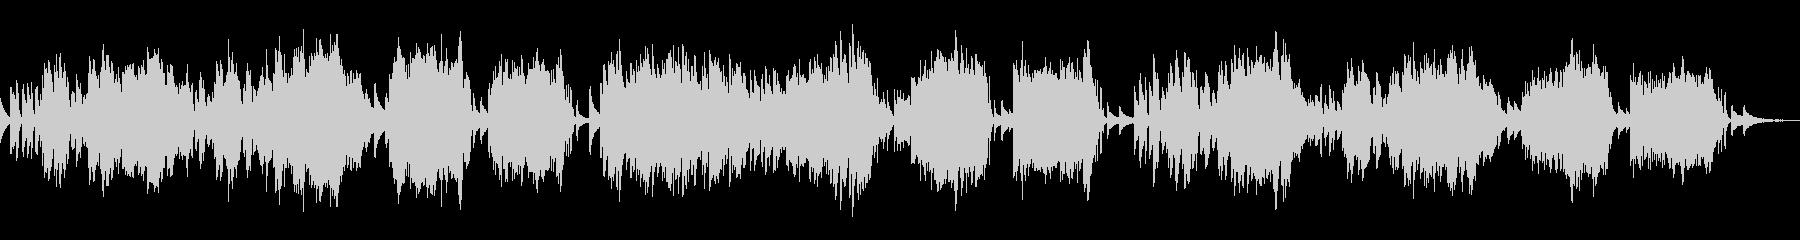 ワルツ第7番 Op.64-2/ショパンの未再生の波形